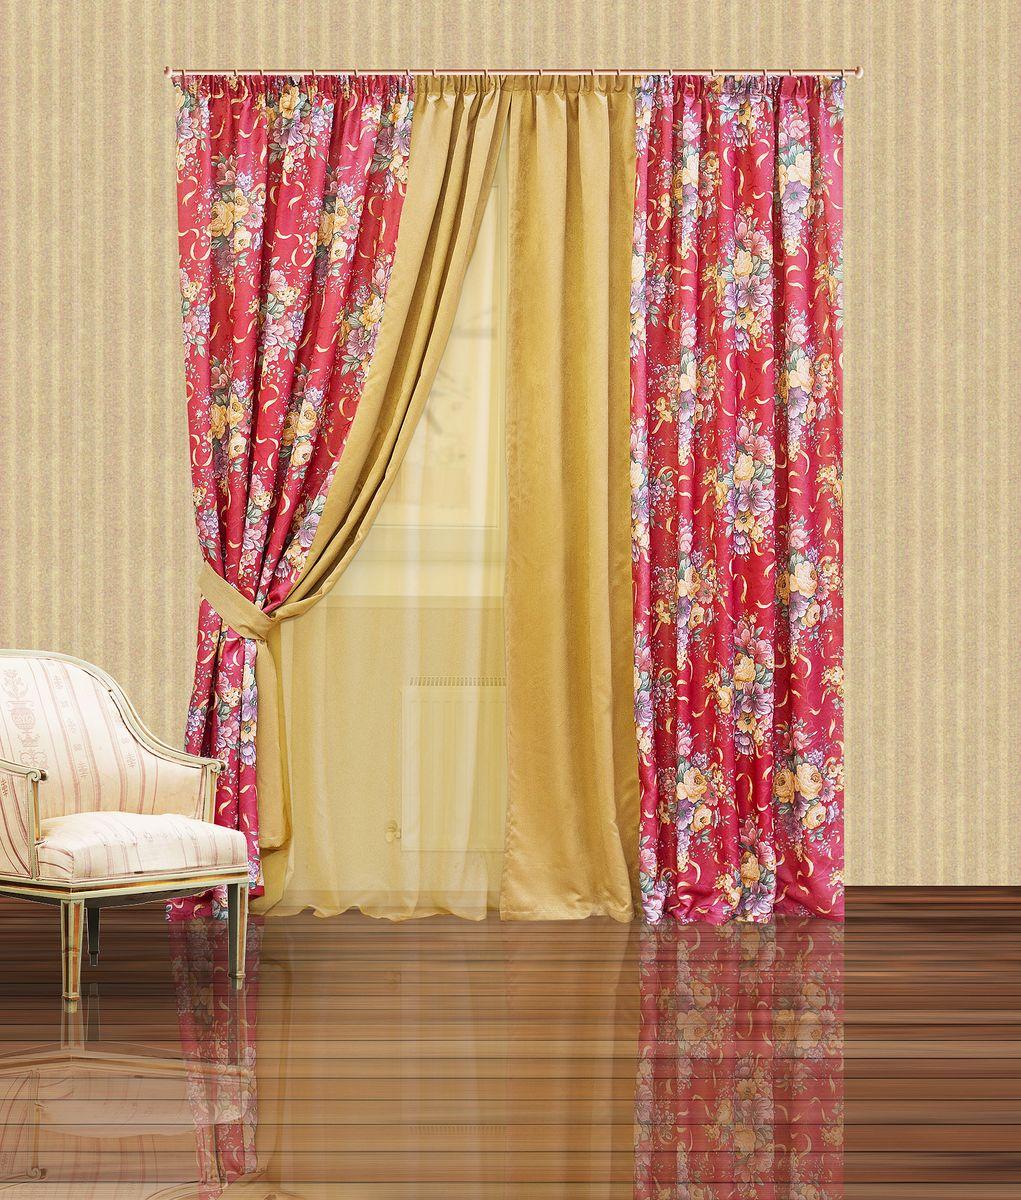 Комплект штор Zlata Korunka, на ленте, цвет: бордовый, бежевый, высота 250 см. 5555755557Комплект штор Zlata Korunka, выполненный из полиэстера, великолепно украсит любое окно. Комплект состоит из тюля, двух штор и двух подхватов. Крупный цветочный рисунок и приятная цветовая гамма привлекут к себе внимание и органично впишутся в интерьер помещения. Этот комплект будет долгое время радовать вас и вашу семью!Комплект крепится на карниз при помощи ленты, которая поможет красиво и равномерно задрапировать верх.В комплект входит: Тюль: 1 шт. Размер (Ш х В): 400 х 250 см. Штора: 2 шт. Размер (Ш х В): 200 х 250 см.Подхват: 2 шт. Размер (Ш х Д): 10 х 60 см.